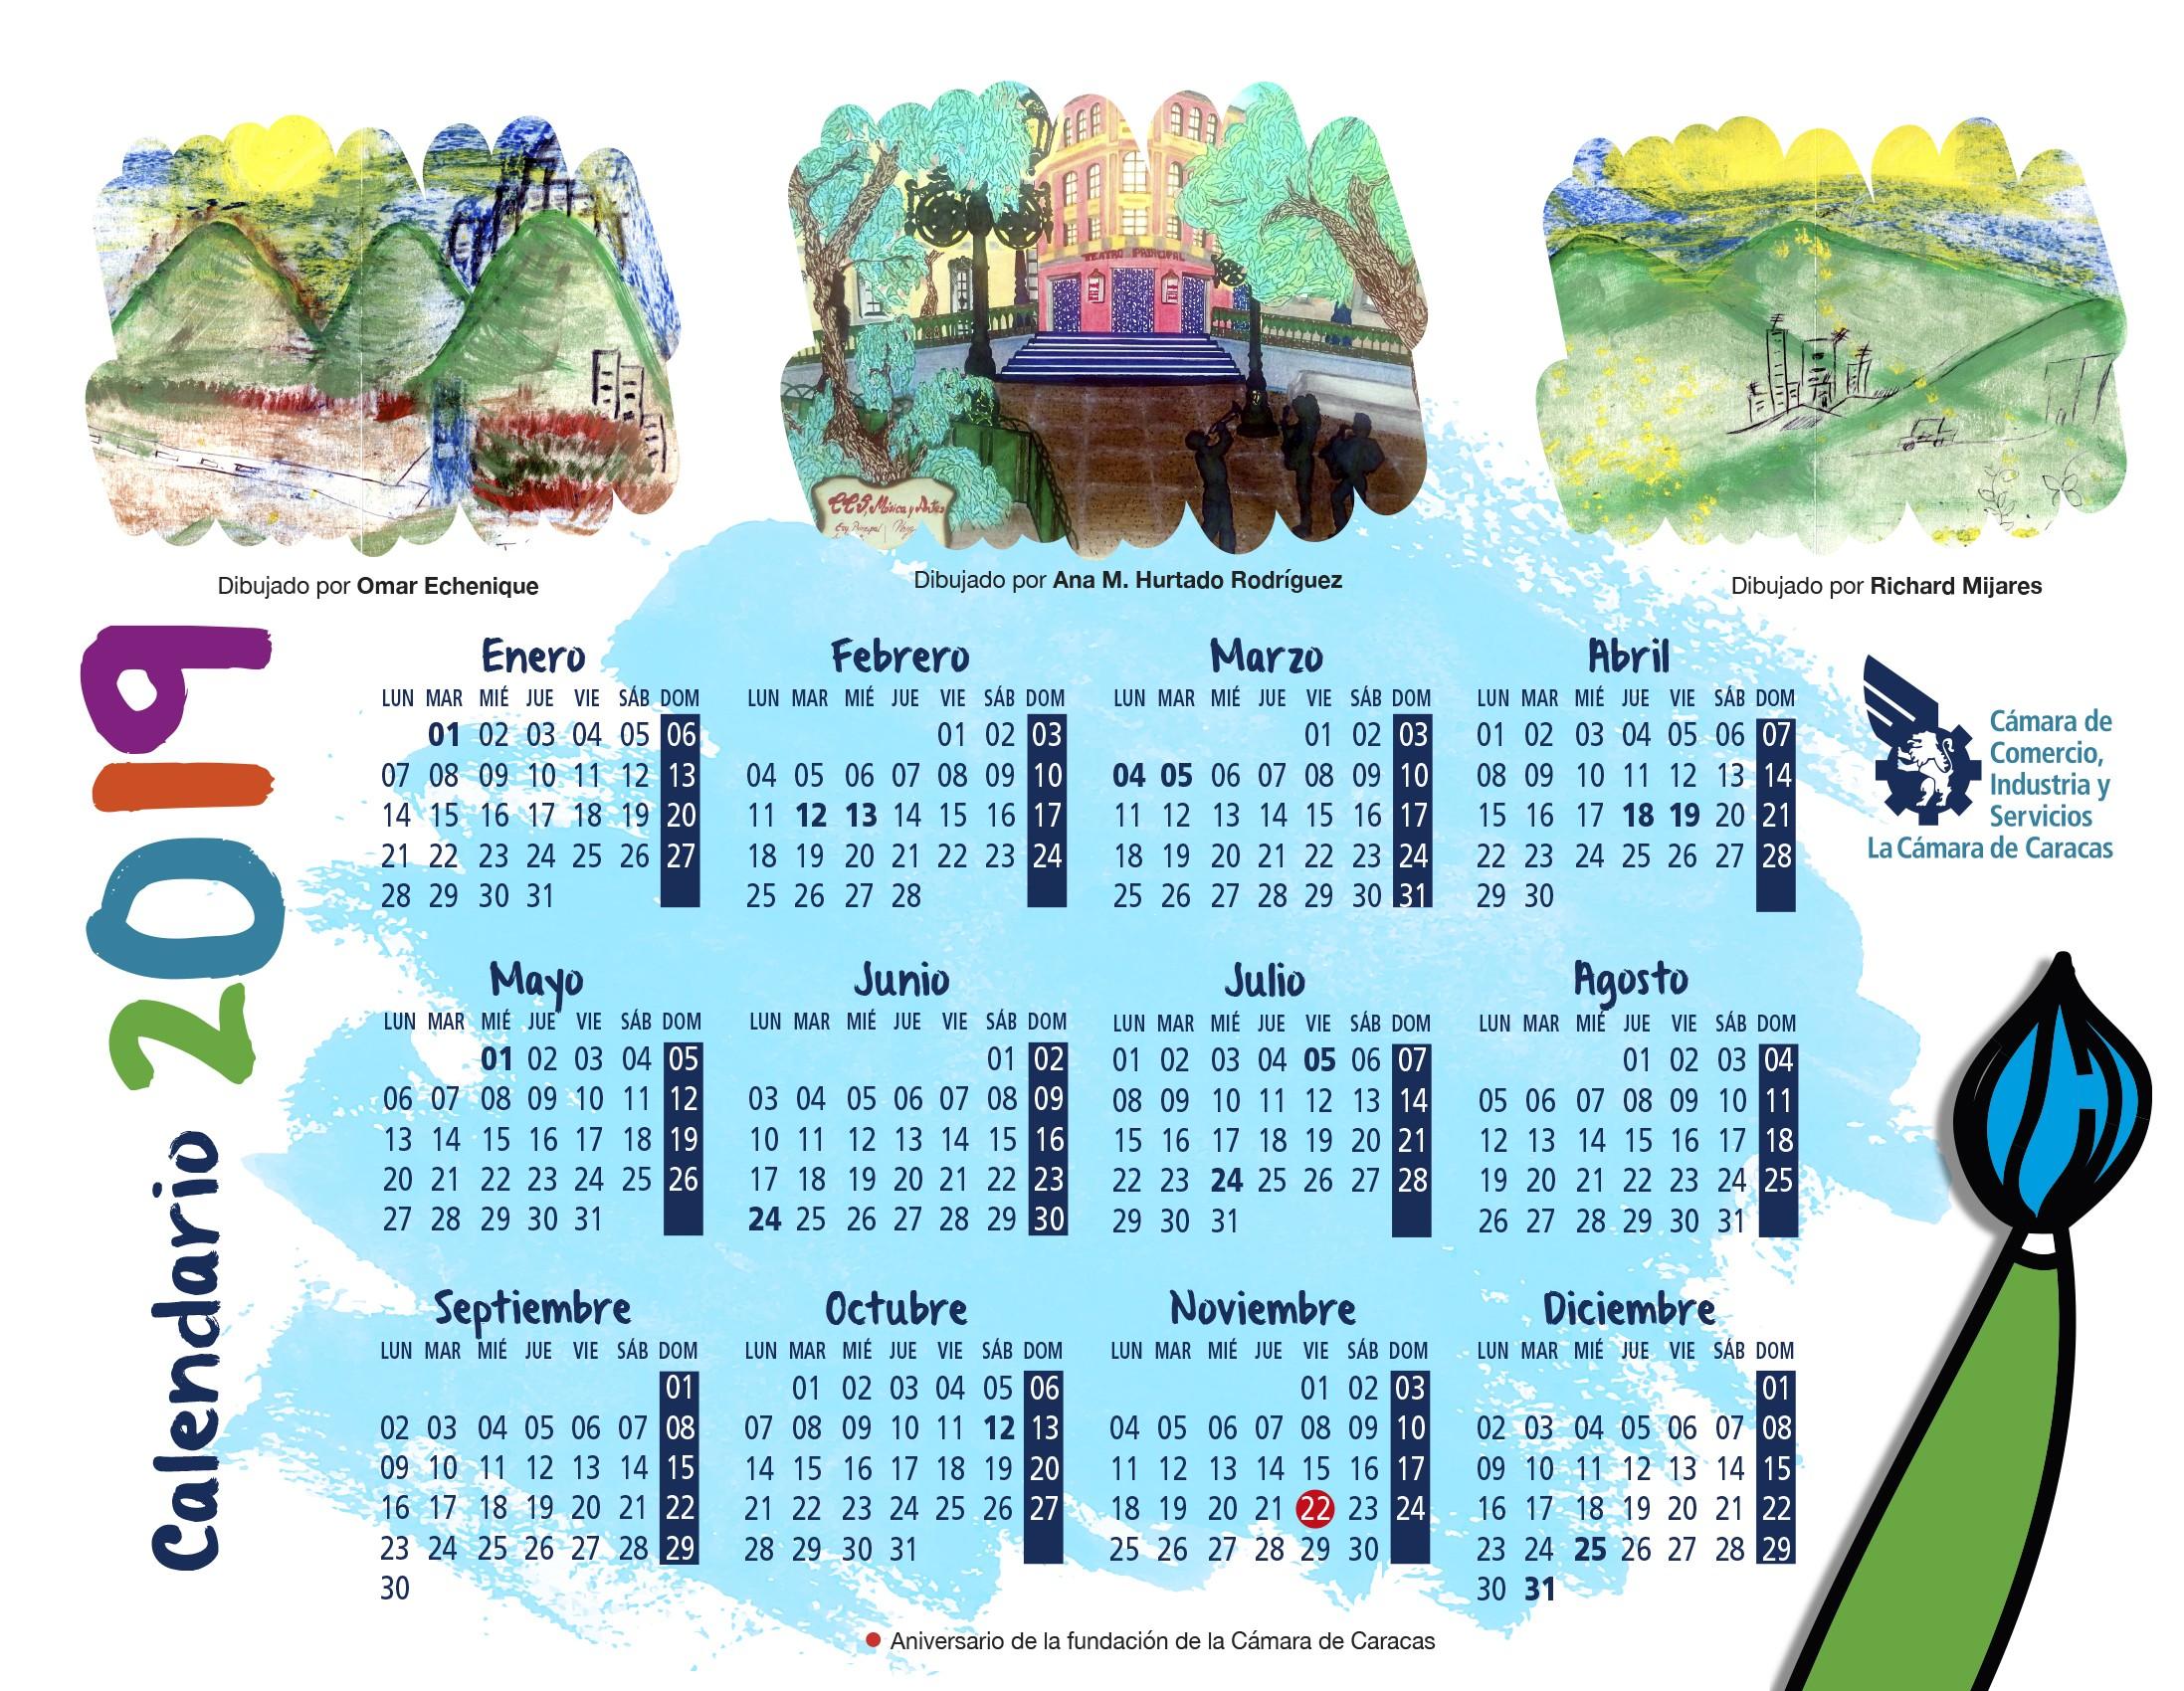 Calendario 2019 Y 2019 Para Imprimir Más Recientemente Liberado Descarga Nuestro Calendario 2018 Cámara De Caracas